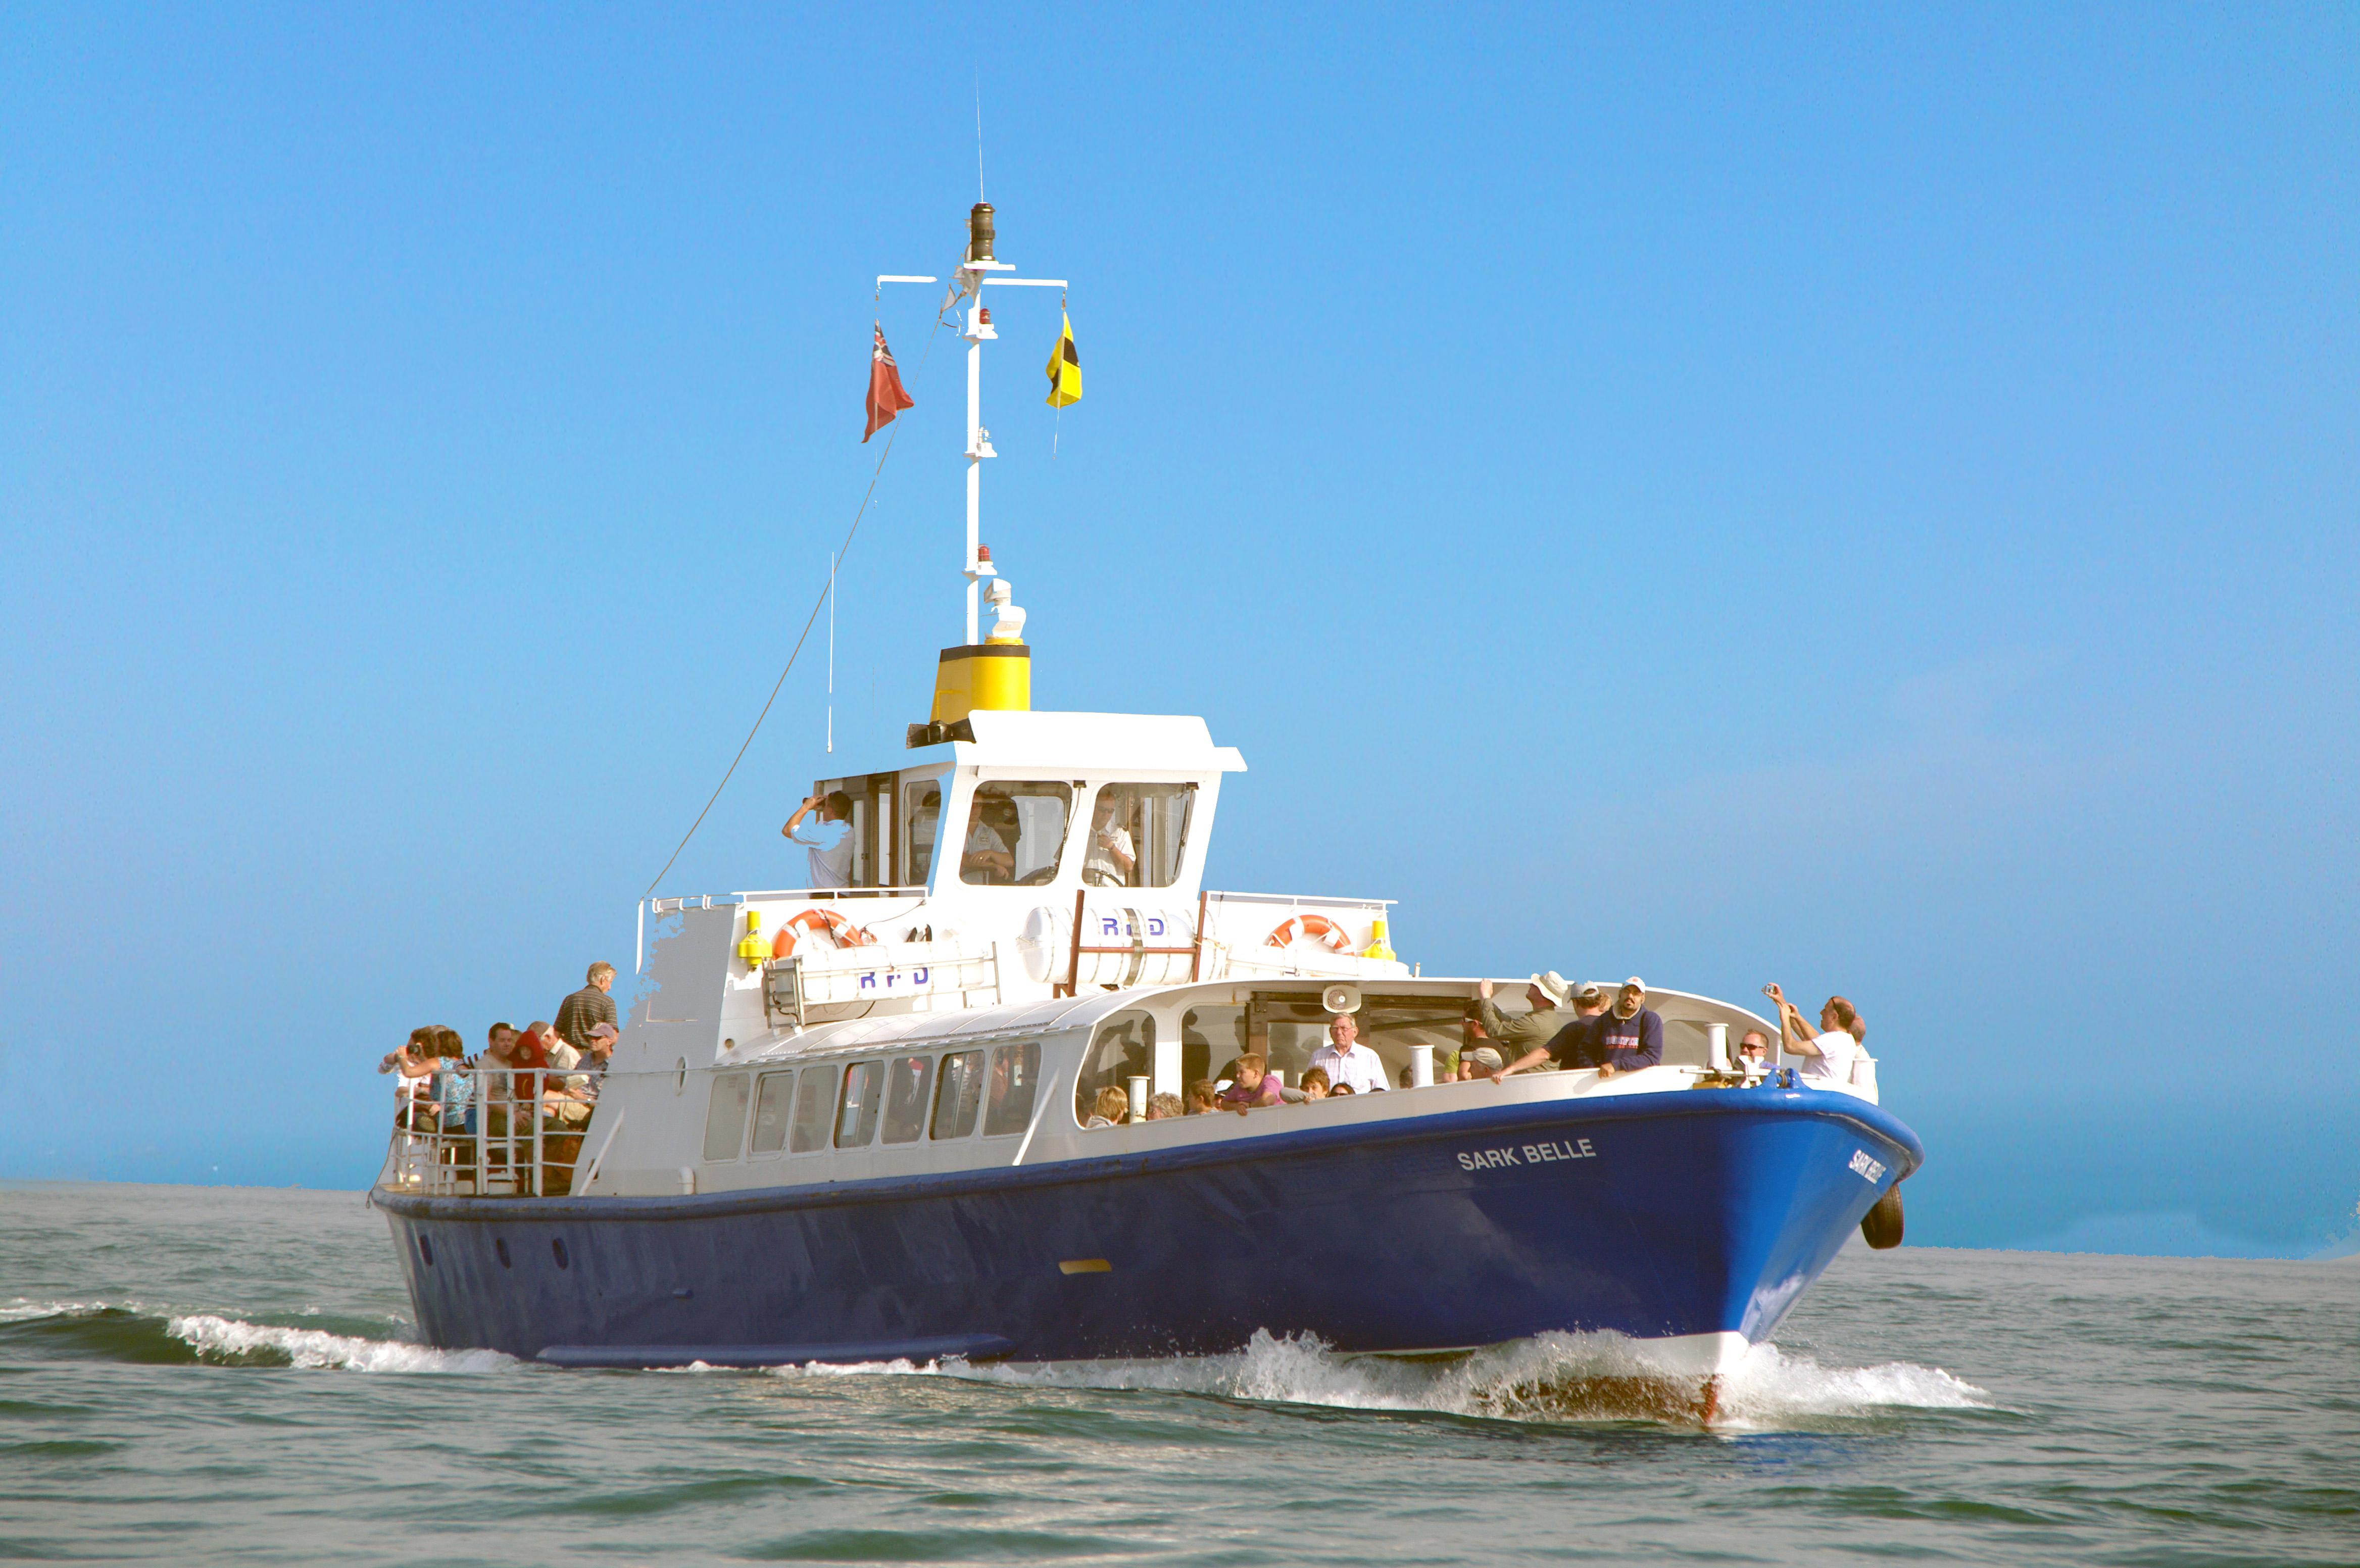 Sark Shipping Company